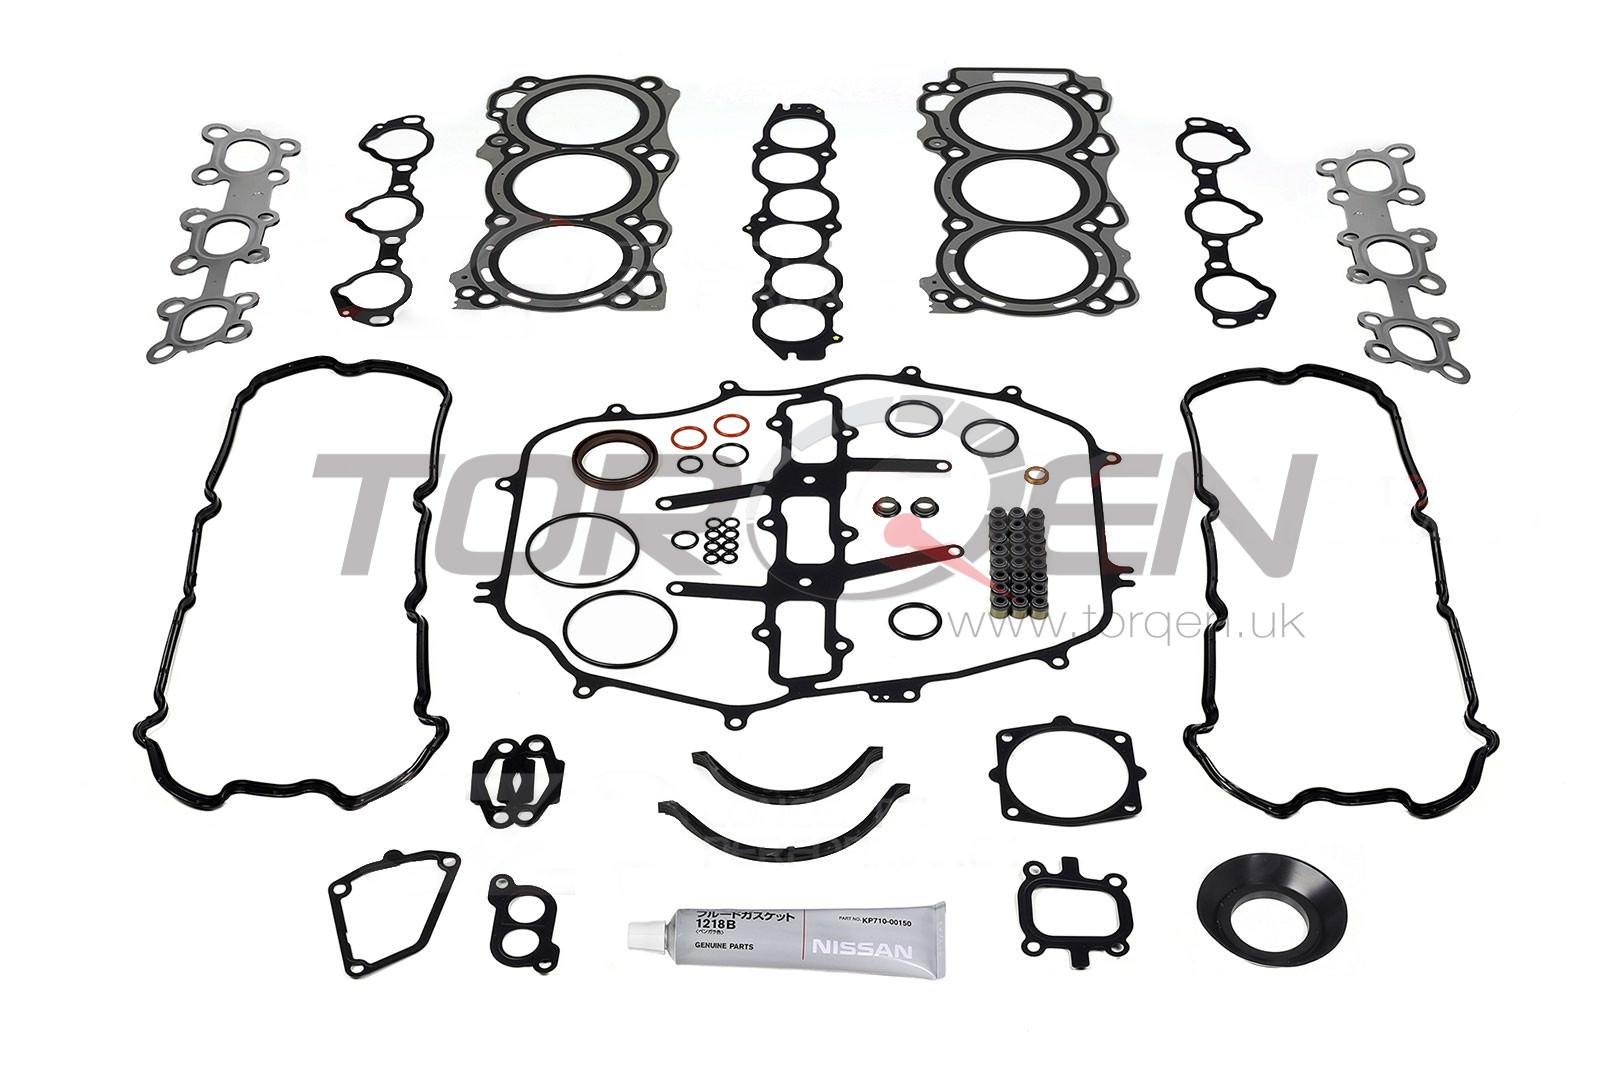 350z De Nissan Oem Engine Gasket Kit 03 04